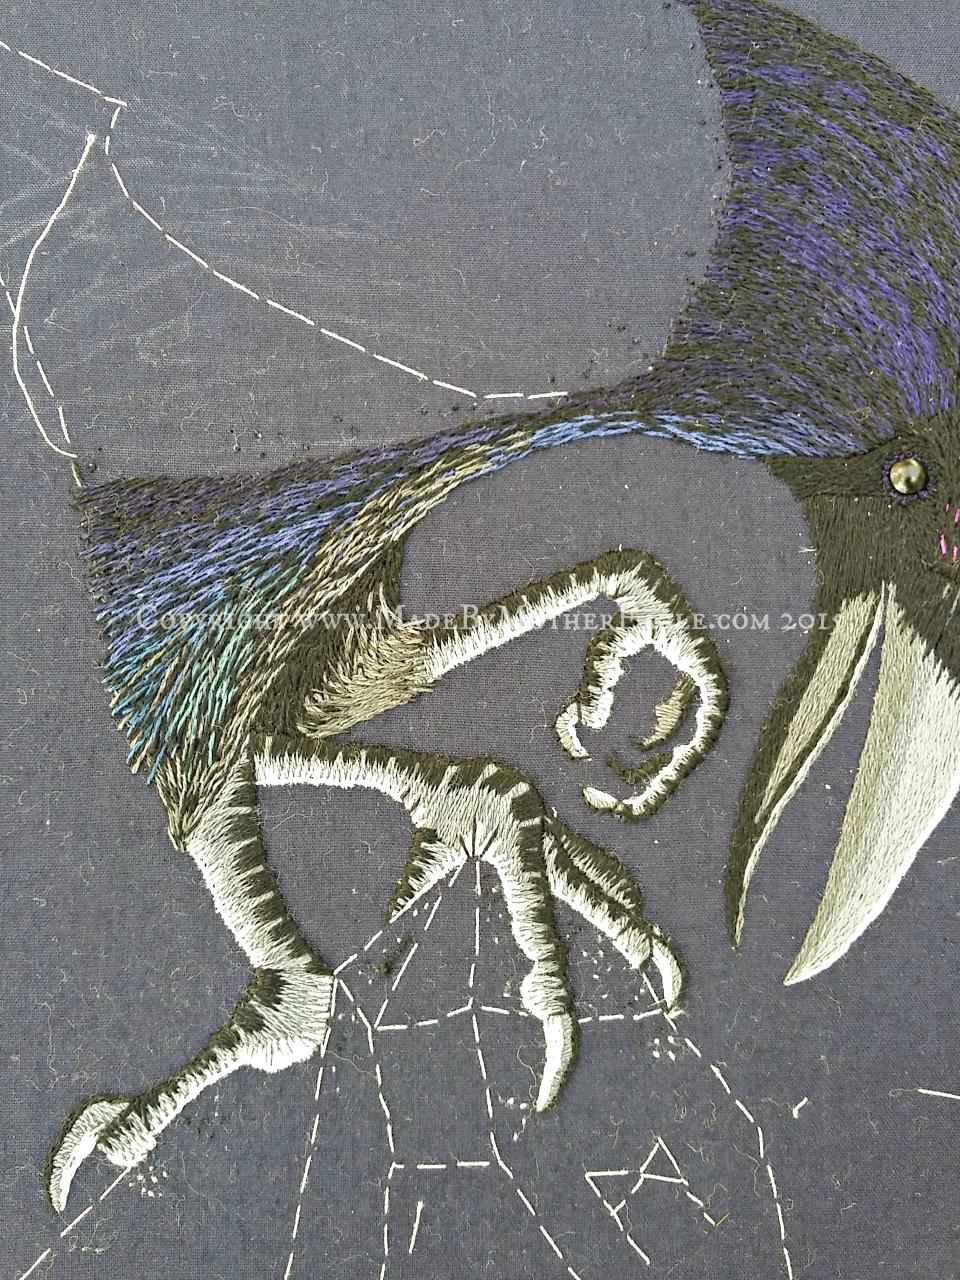 raven010